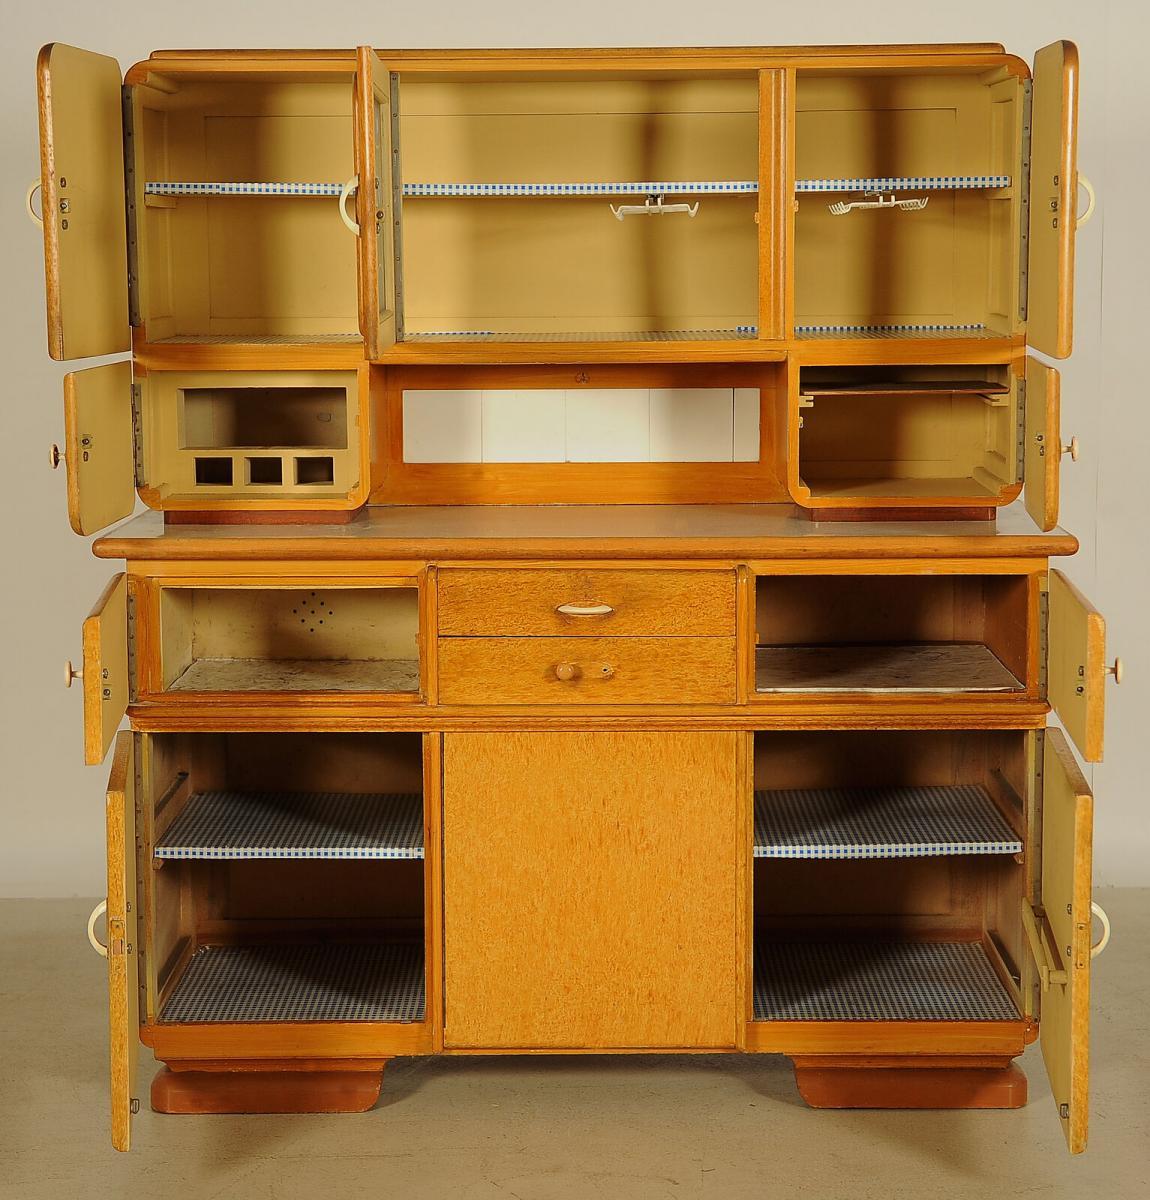 Interessantes Art Deco Küchenbuffet aus den 30iger Jahren Antik Kolosseum 2